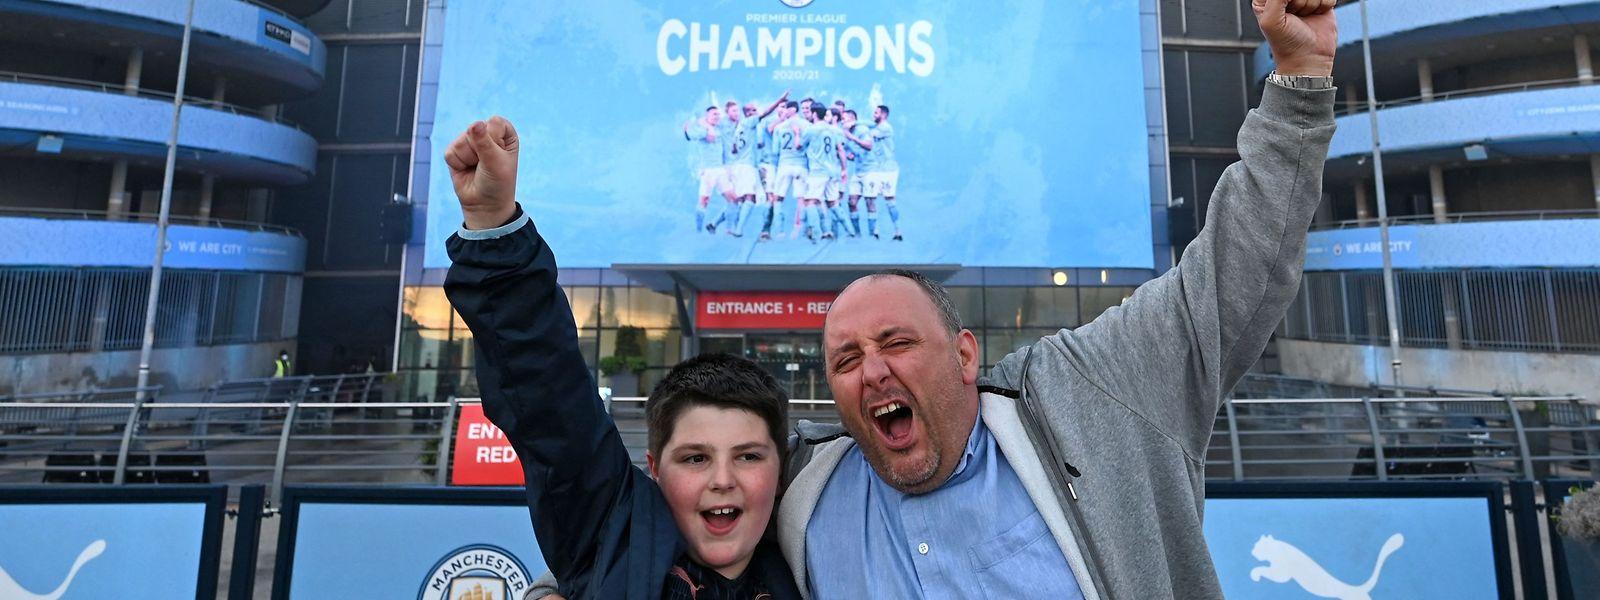 L'UEFA a promis à chaque club, 6.000 places pour le moment. De quoi ravir les supporters de City qui vient d'accéder au titre en Premier League.